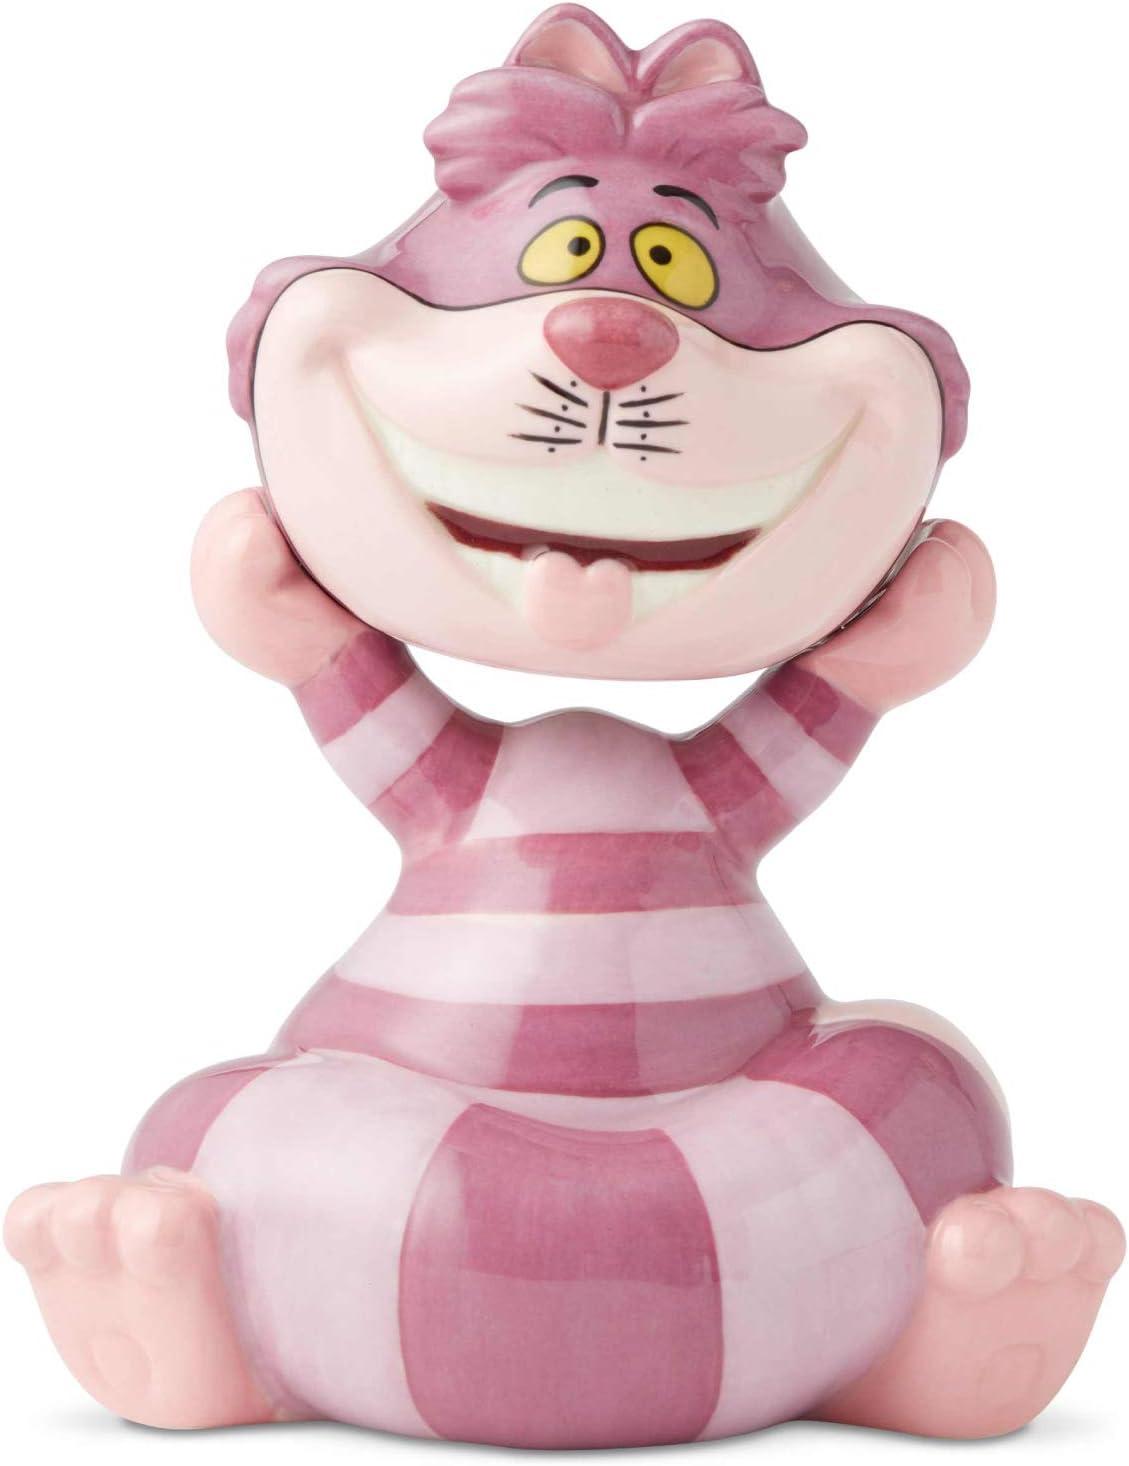 Enesco Disney Ceramics Alice in Wonderland Cheshire Cat Salt and Pepper Shakers, 4.5 Inch, Multicolor